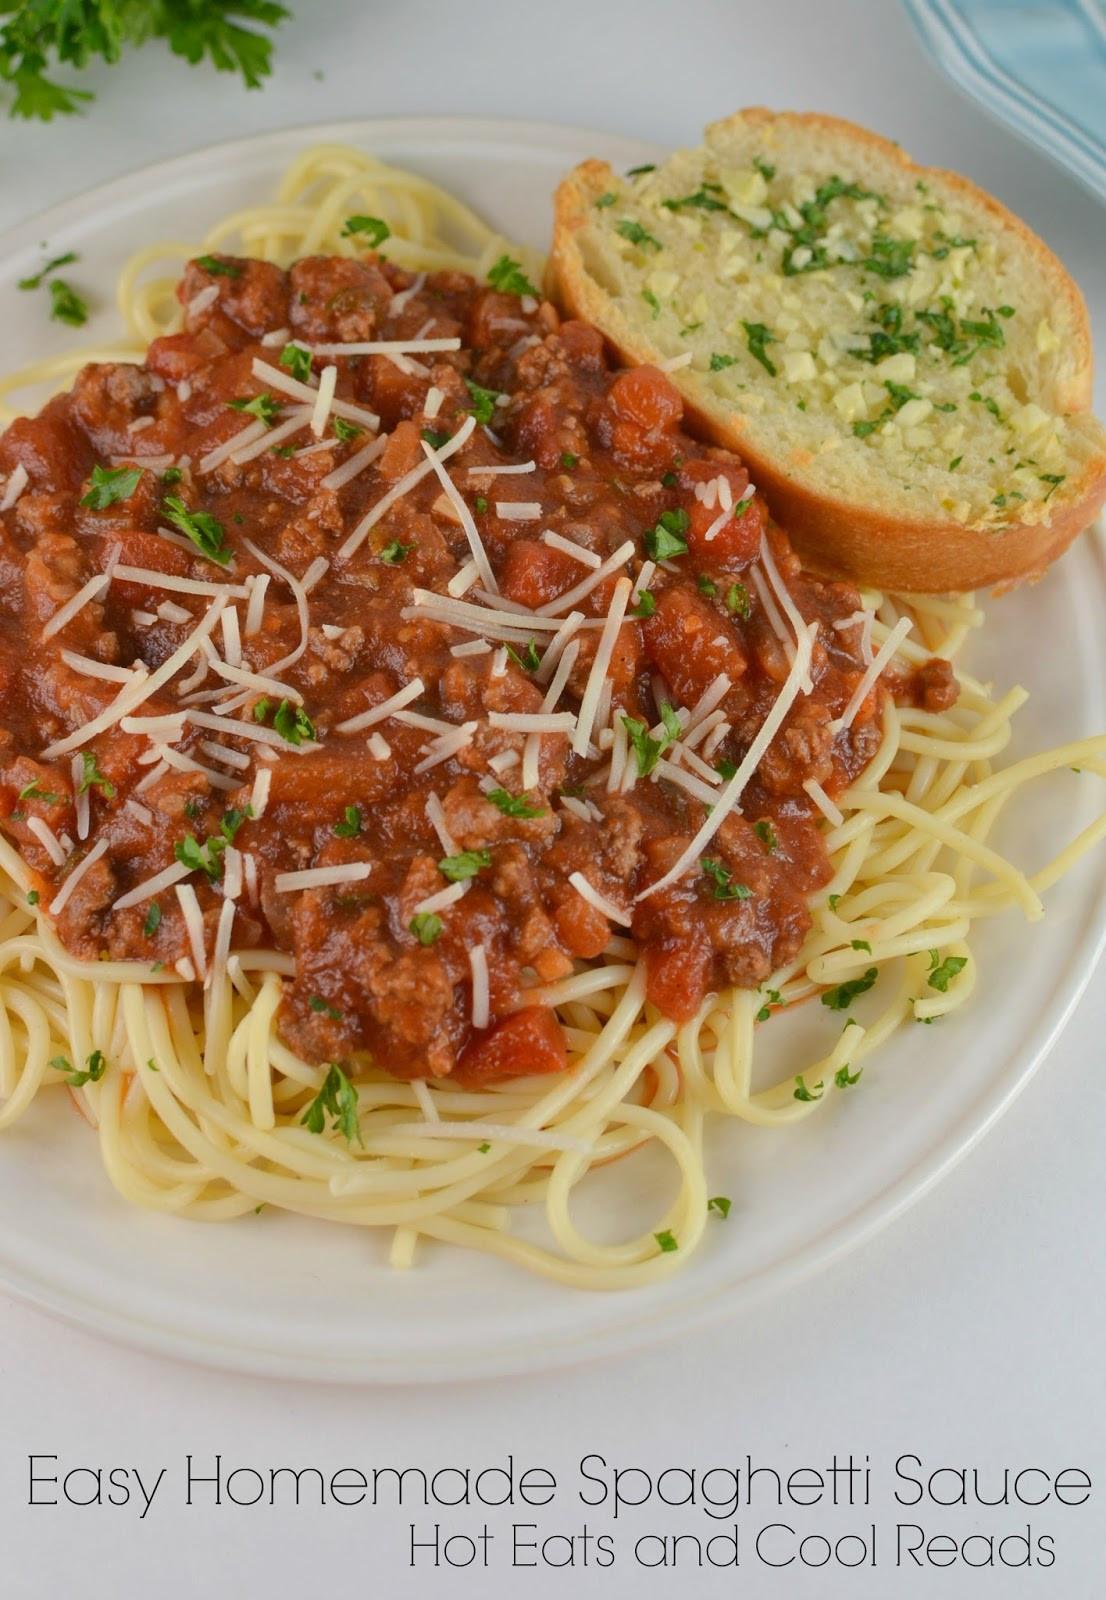 Simple Spaghetti Sauce Recipe  Hot Eats and Cool Reads Easy Homemade Spaghetti Sauce Recipe